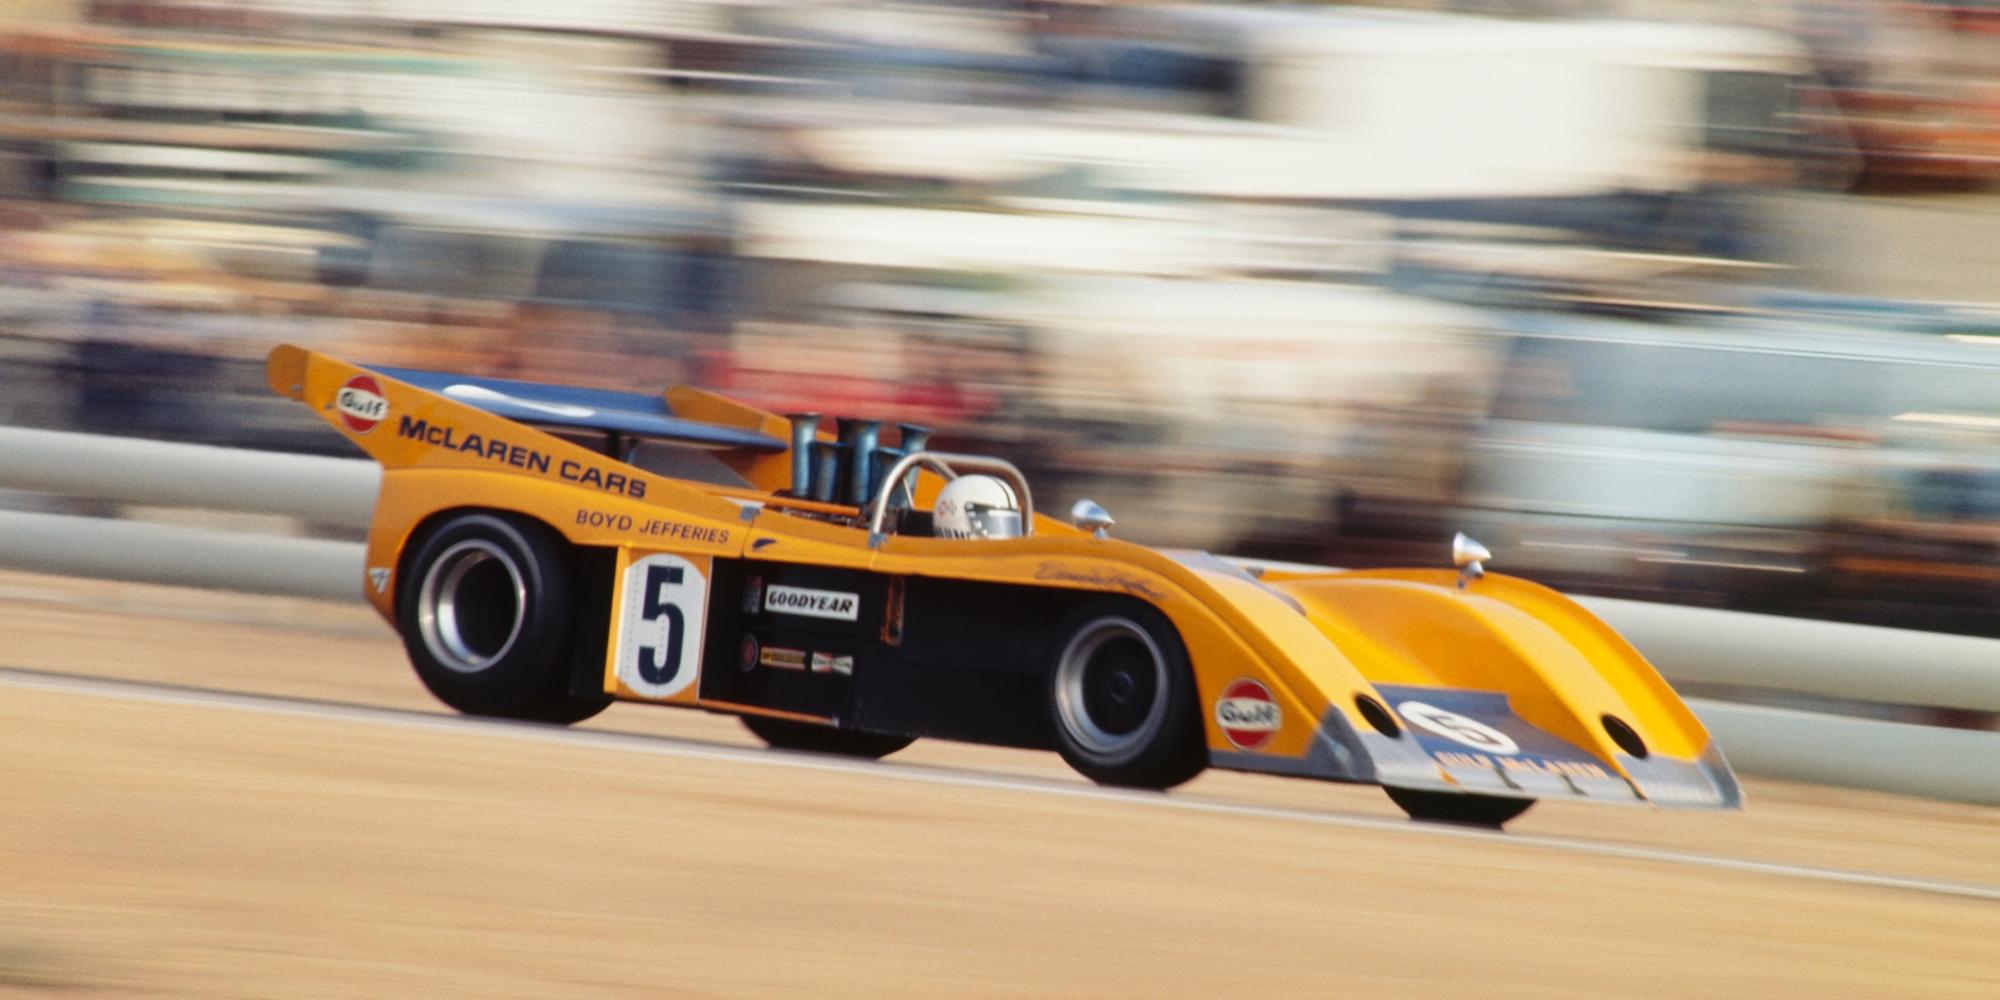 McLaren M20 CanAm car